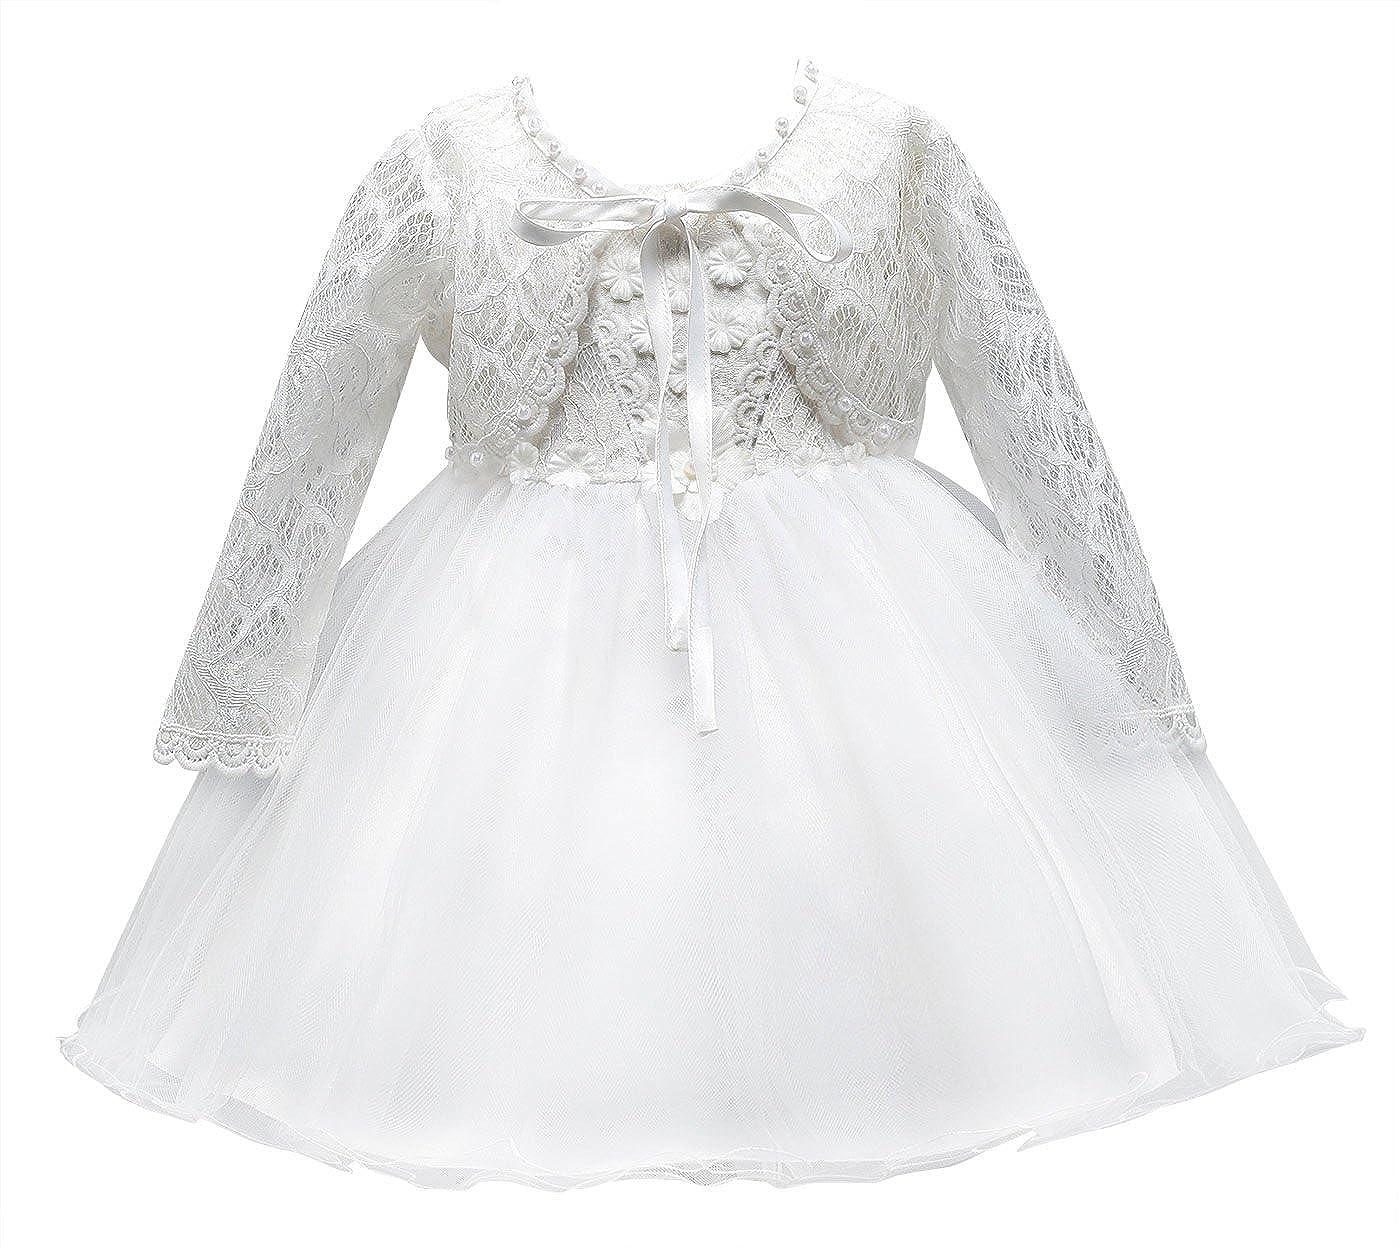 Happy cherry Niñas-Bebés Vestido Princesa de Enacje Traje de Ceremonia Dress Tul de Boda Bautizo Tutu Lazo Elegante Algodón Blanco